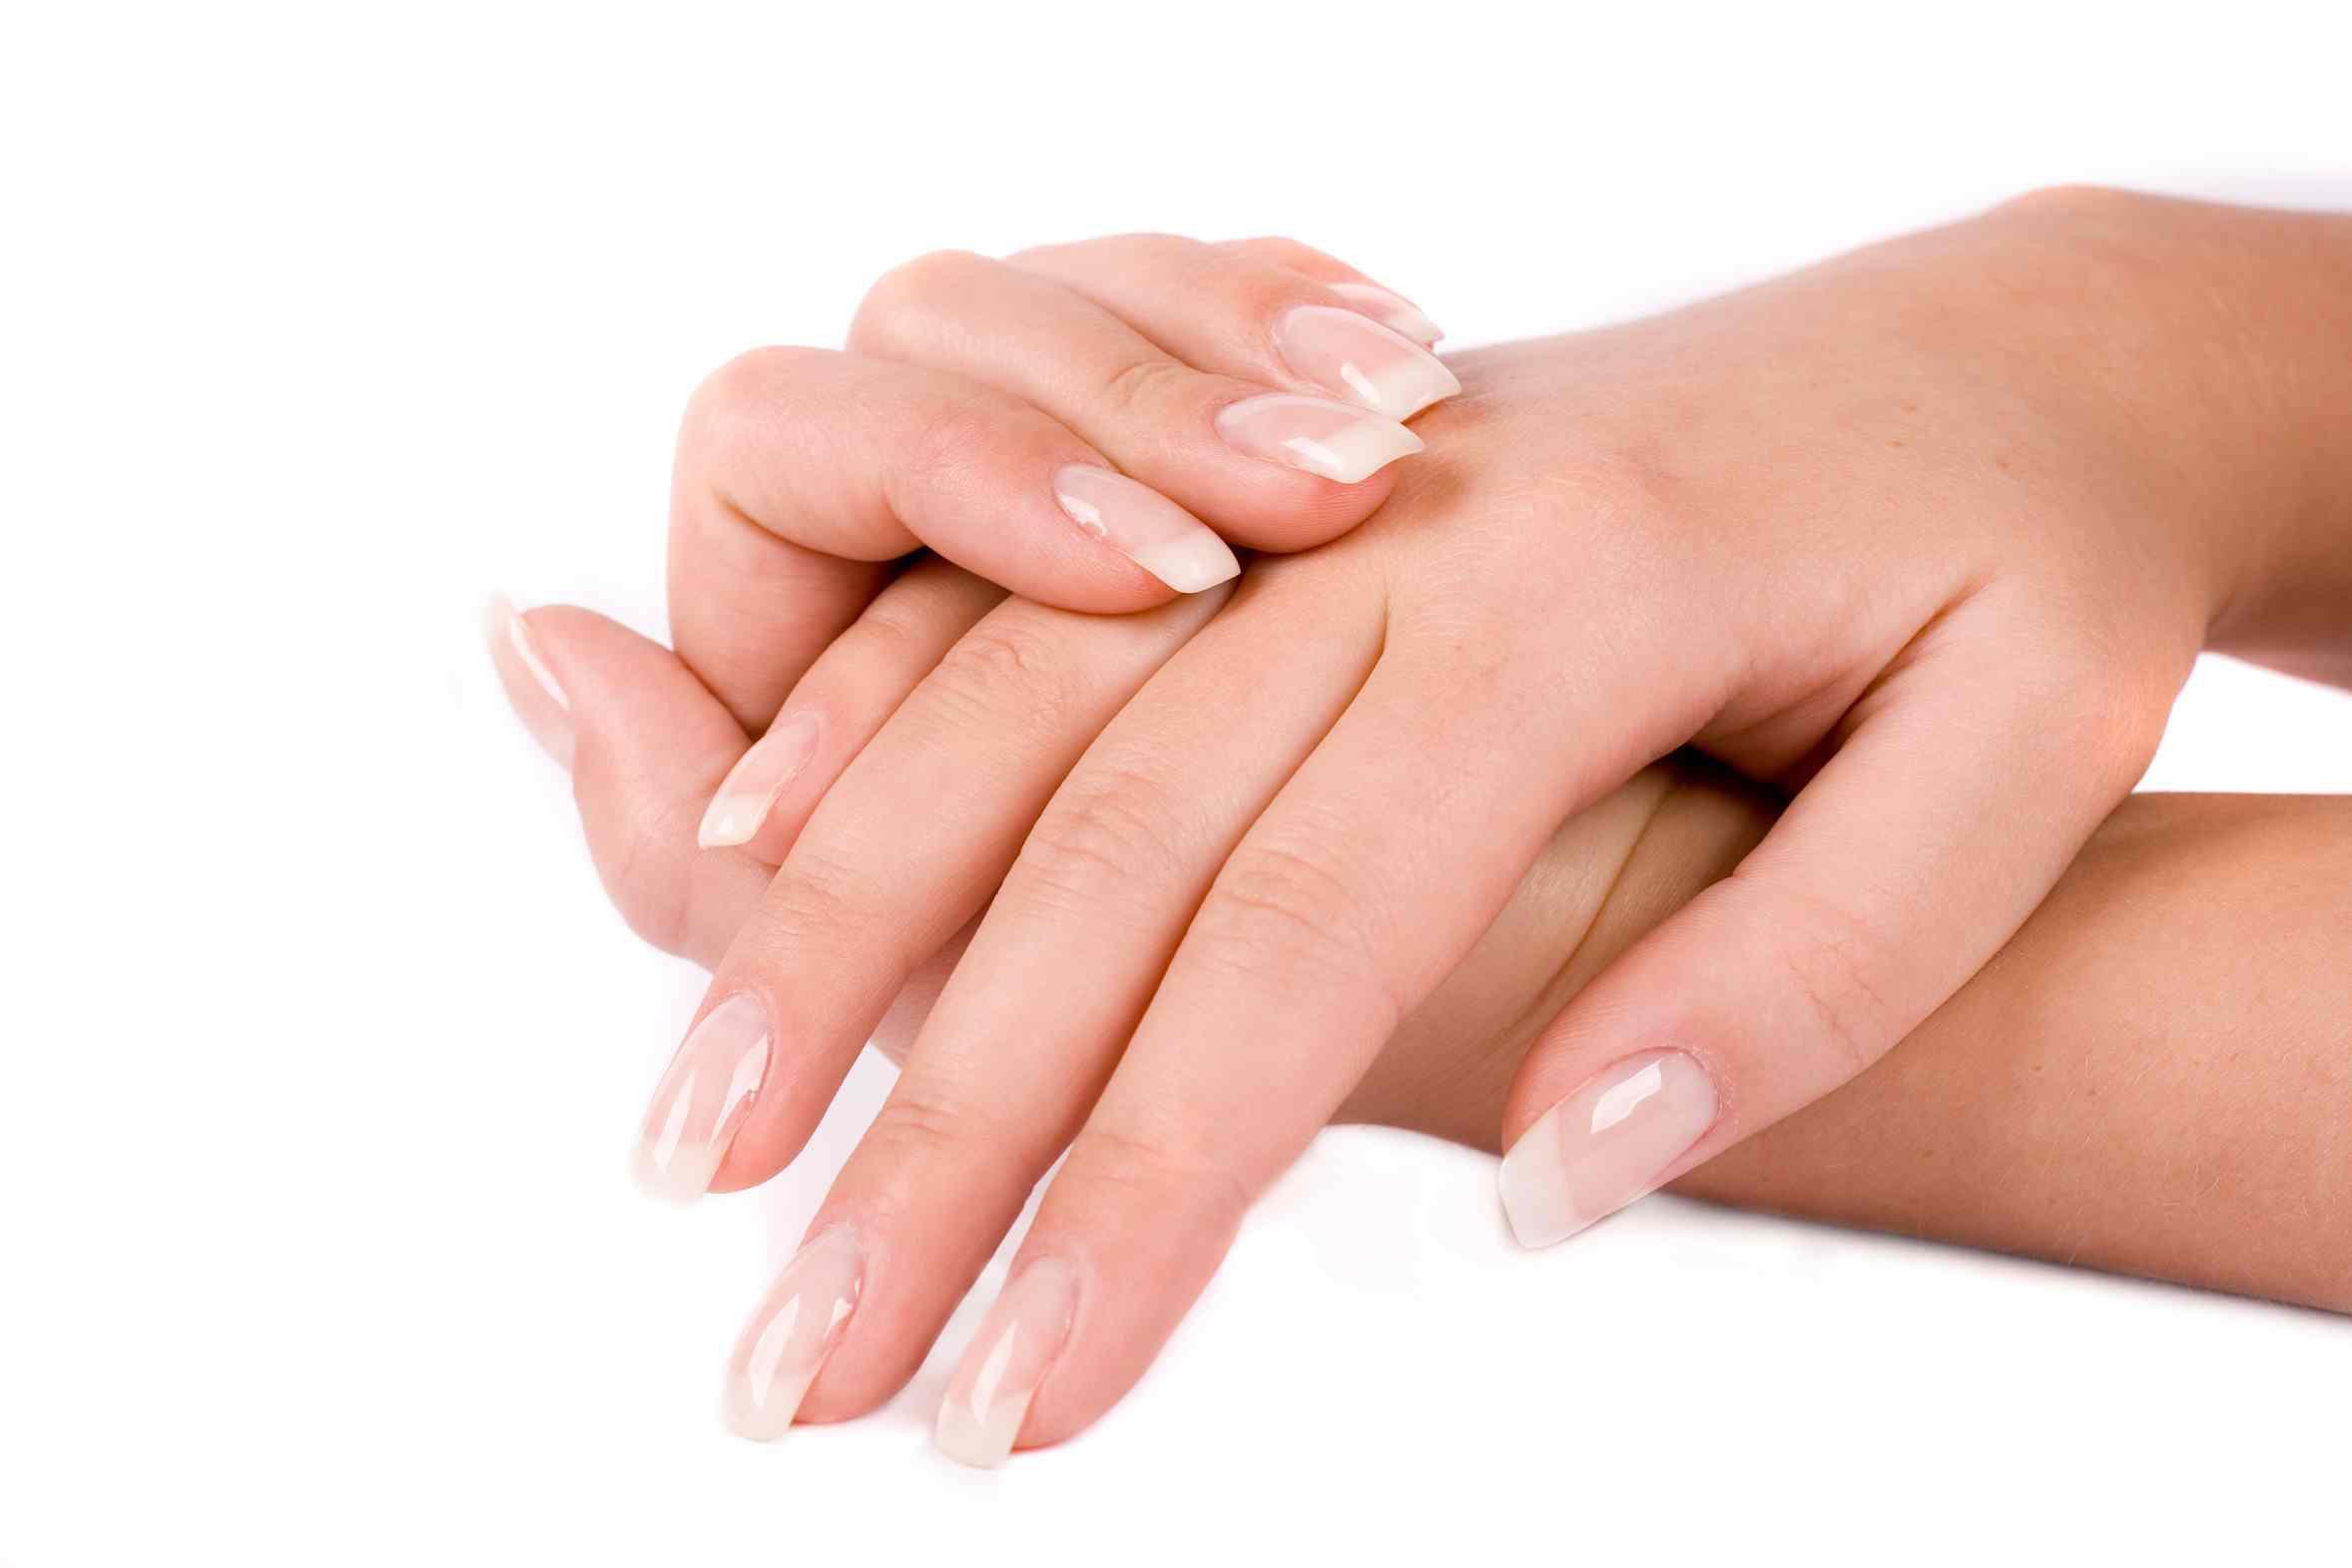 chữa ra mồ hôi tay chân bằng tiêm botox Dễ dàng chữa ra mồi hôi tay chân bằng tiêm botox